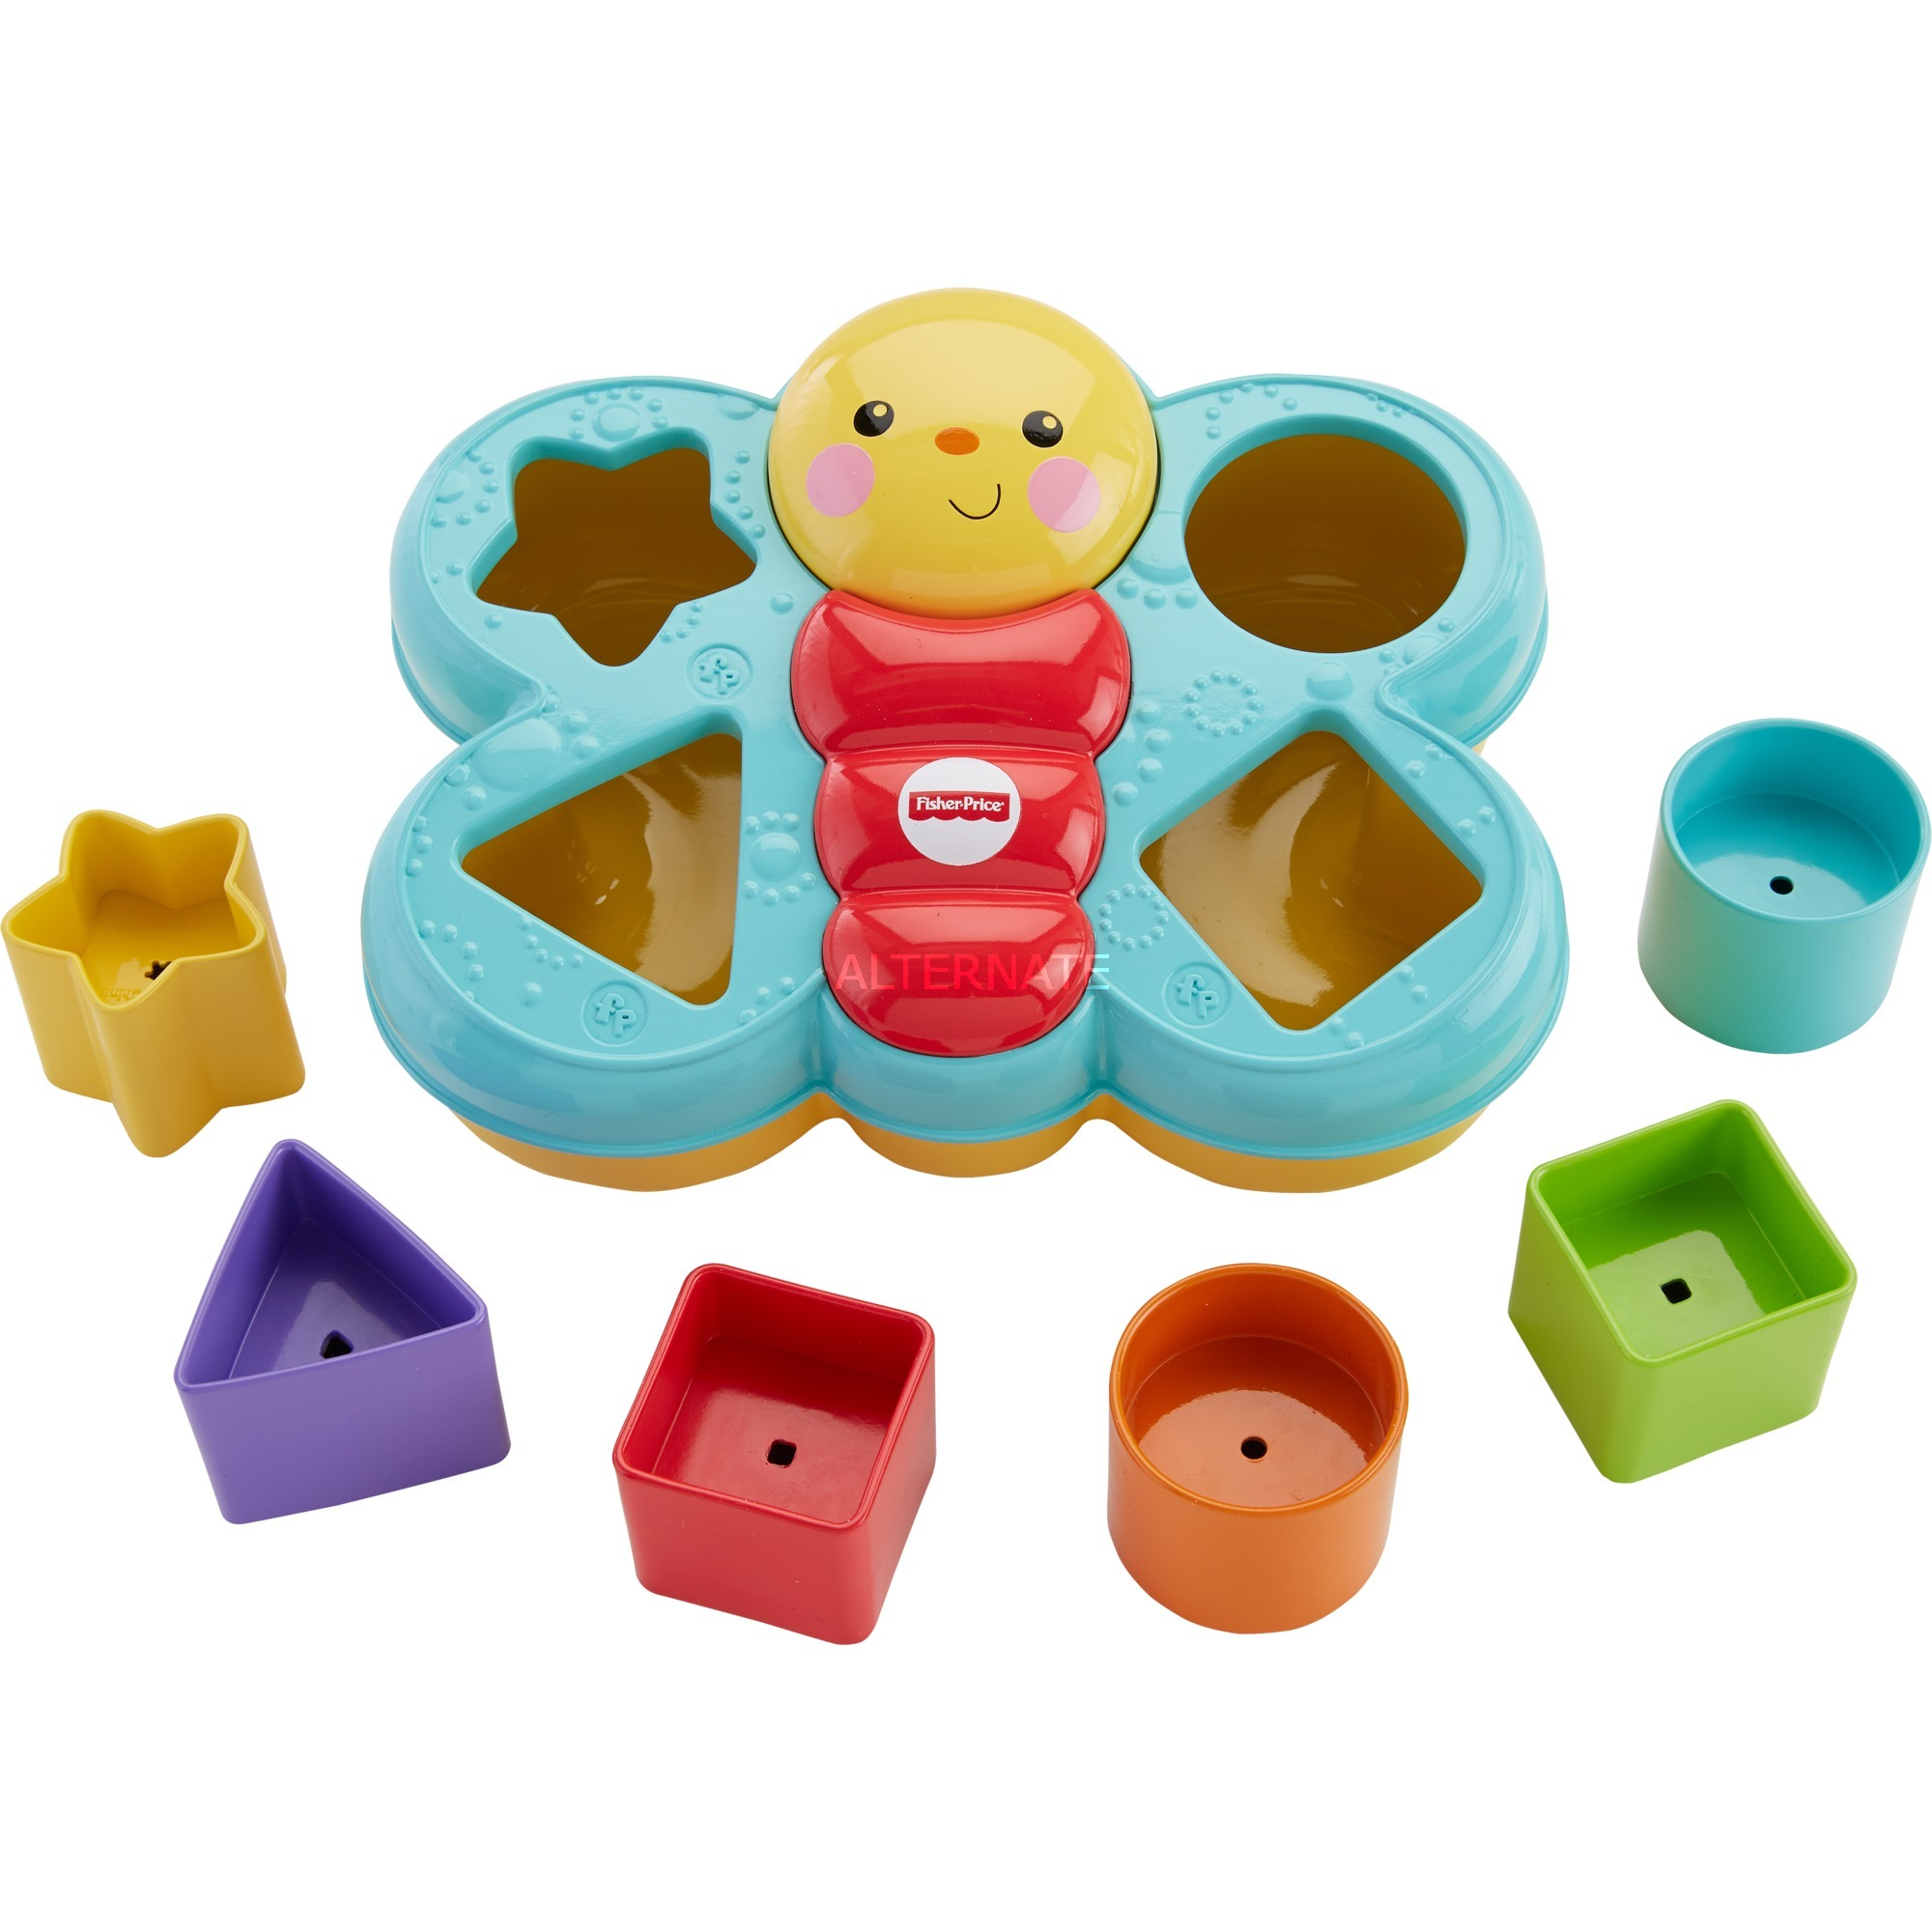 Tout pour les bébés CDC22 Multicolore Plastique jouet à moteur, Jeu d'adresse